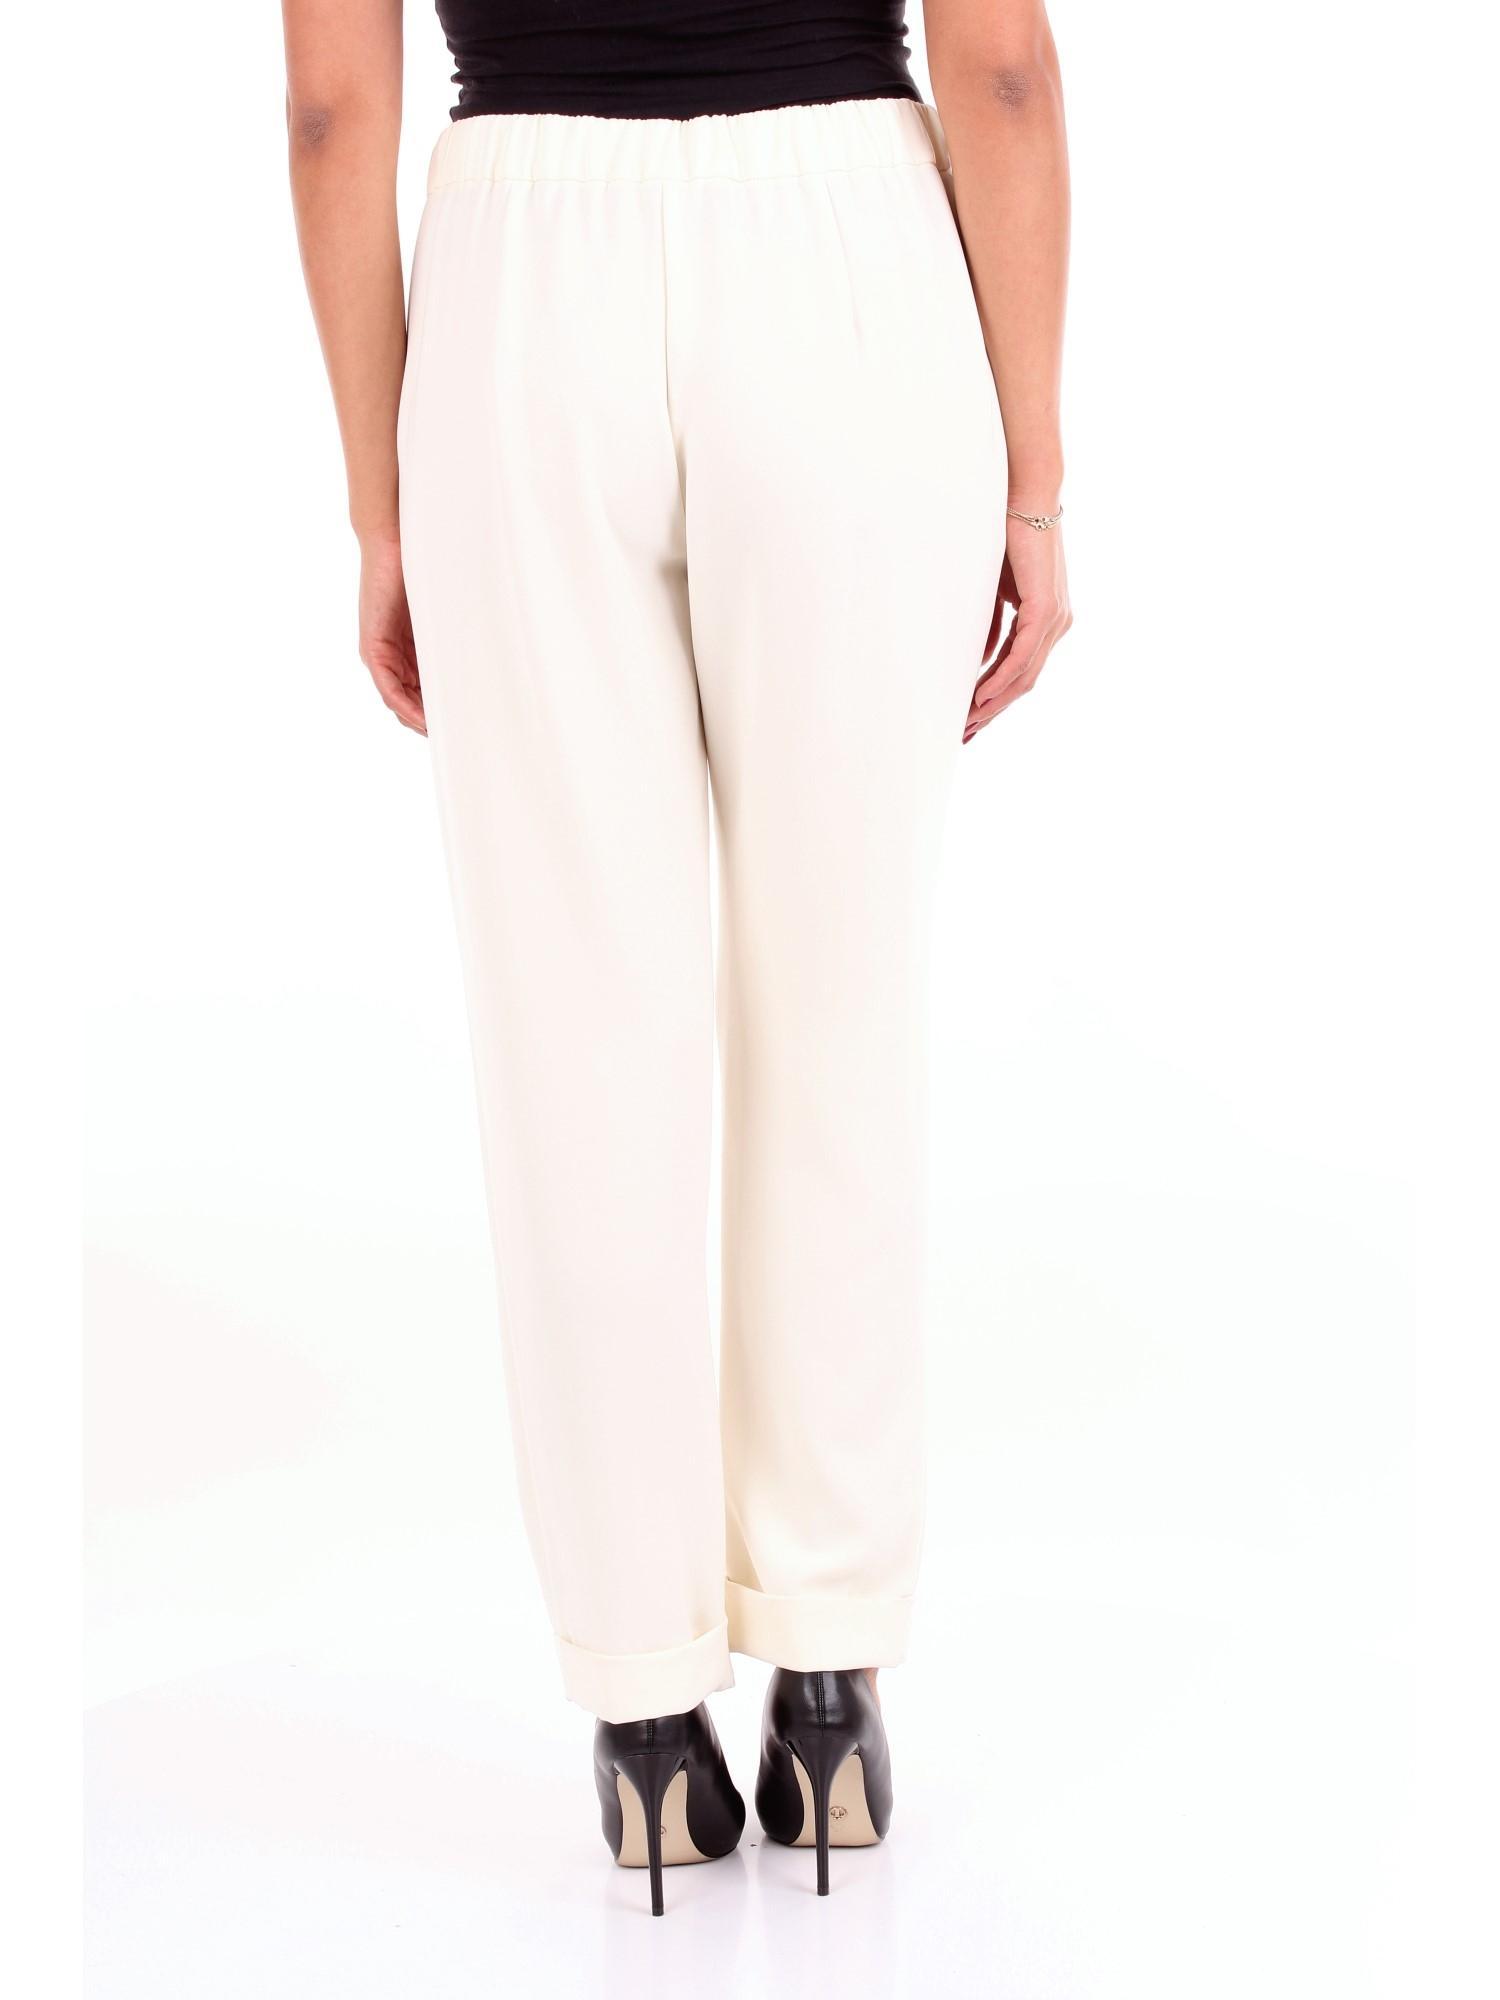 Trousse pantalon P.A.R.O.S.H.